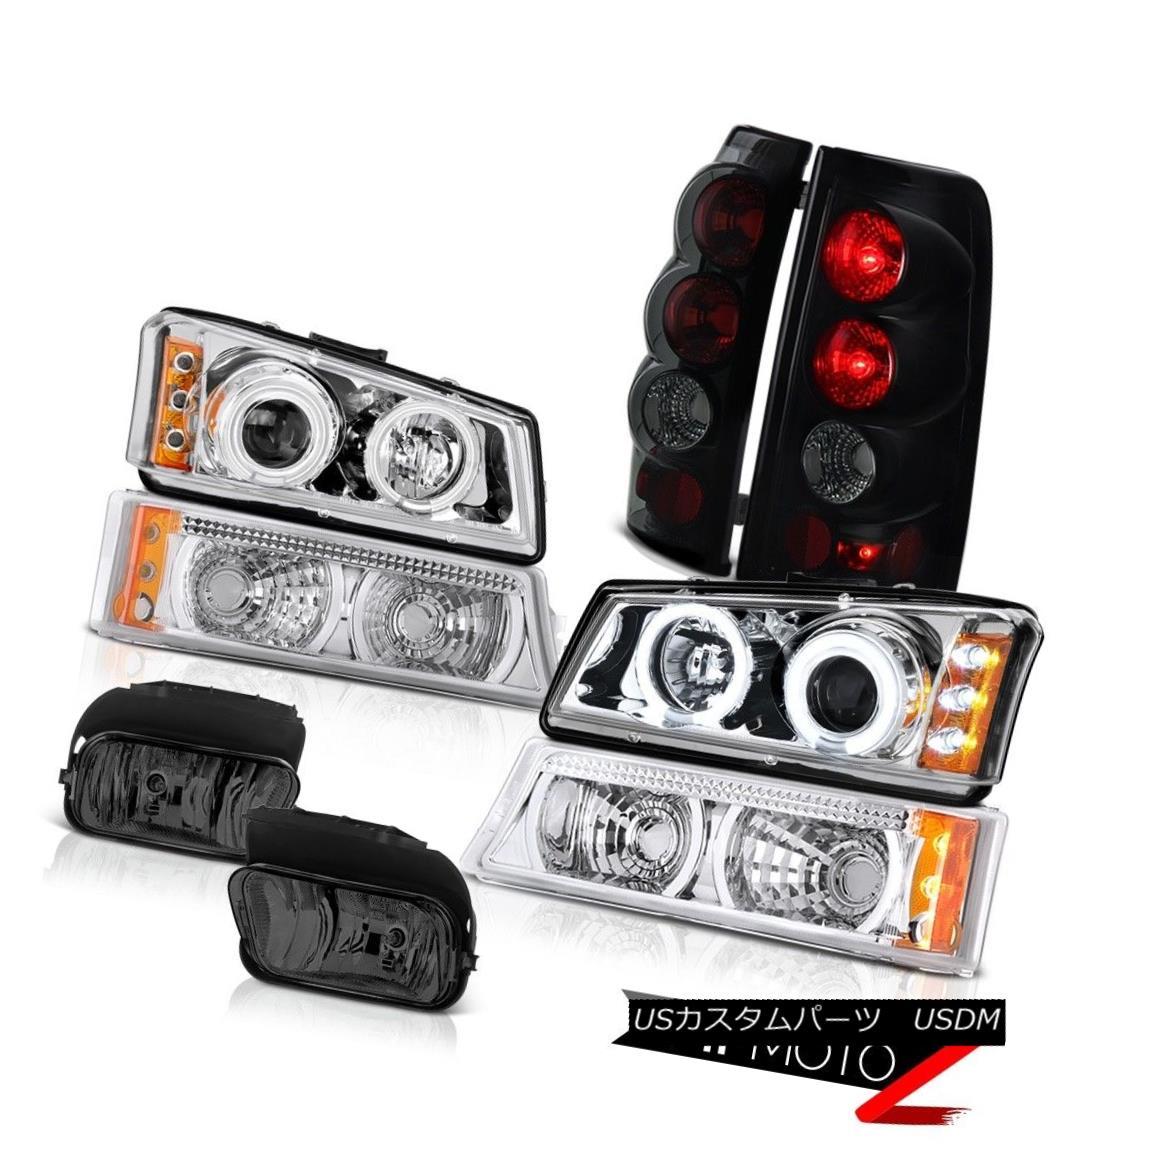 テールライト 03 04 Vortec Max Halo Headlights Bumper Sinister Black Rear Driving Foglamps 03 04 Vortec Max Haloヘッドライトバンパーシニスターブラックリアフォグランプ